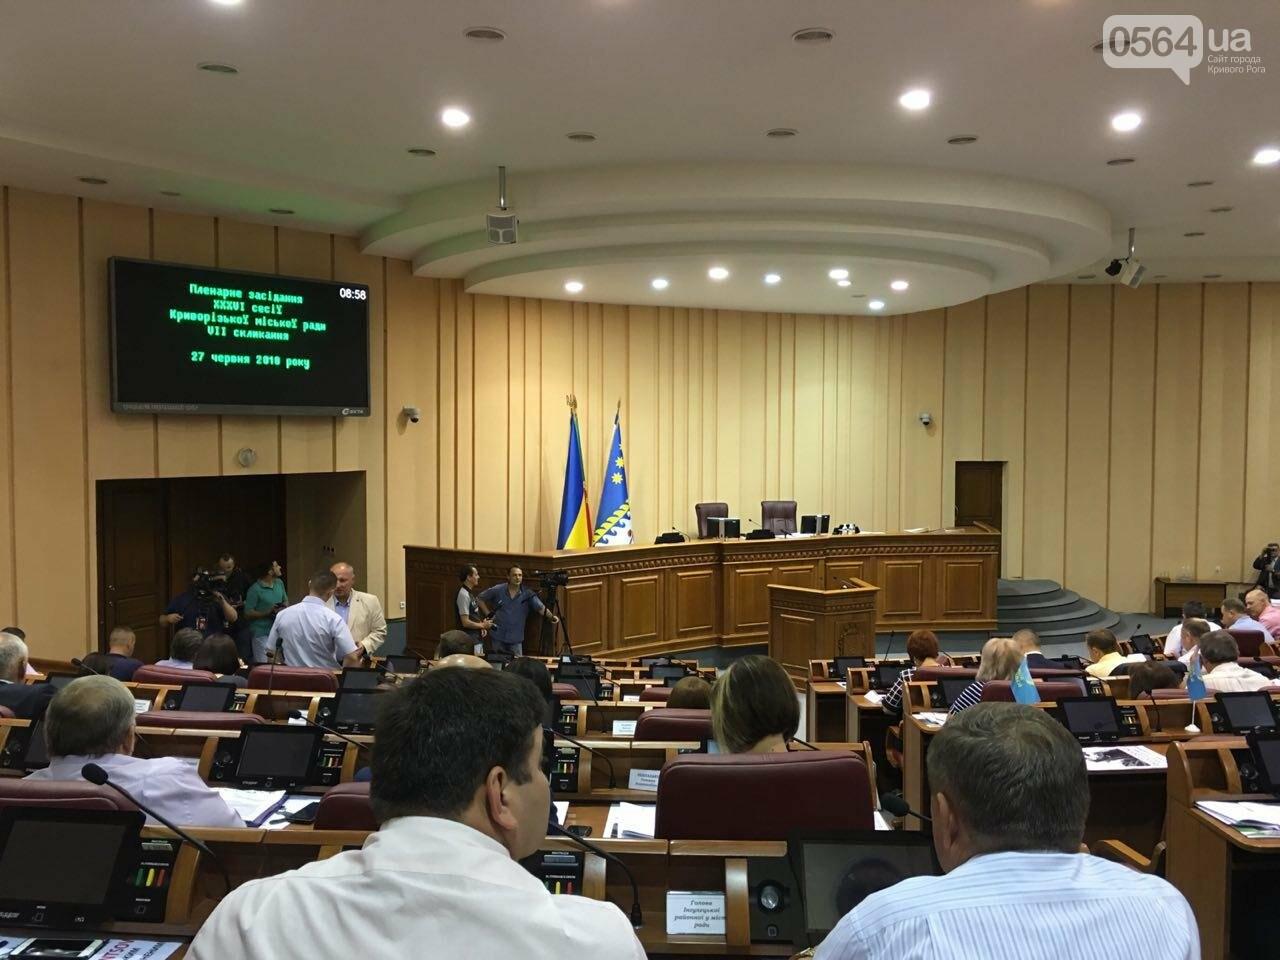 Криворожские депутаты обсудят вопрос премирования мэра и его заместителей, тариф на проезд в маршрутках и поддержку бизнесменов, - ФОТО, фото-14